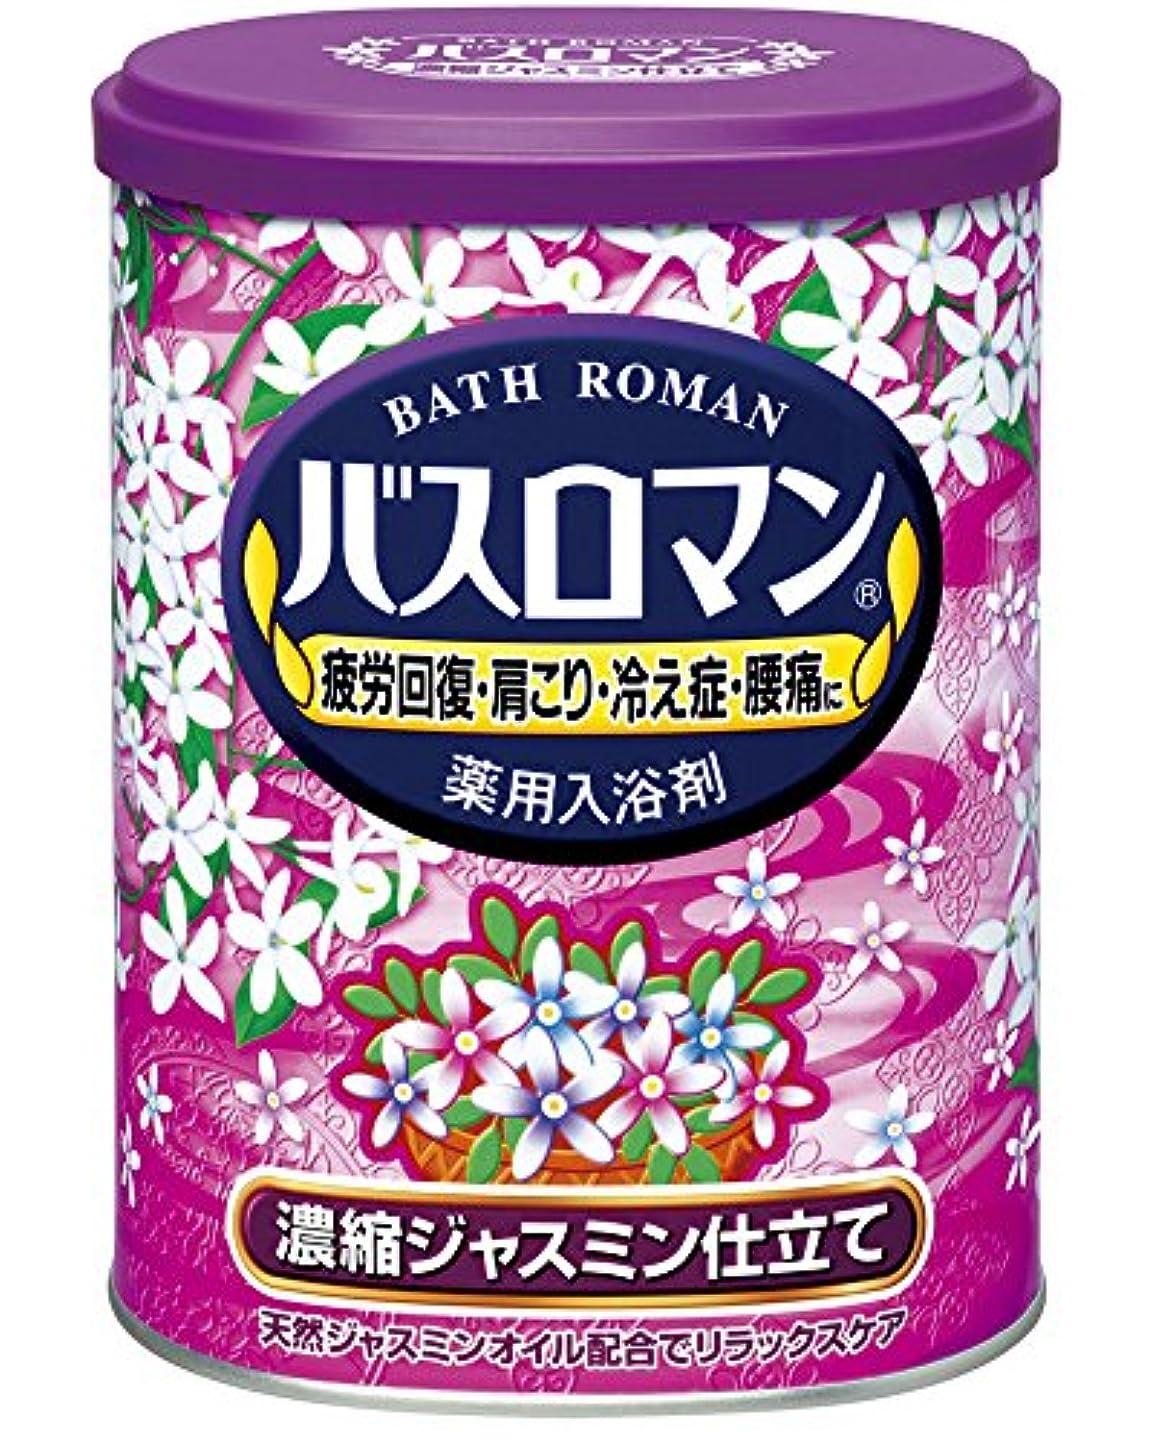 式かび臭い花弁バスロマン濃縮ジャスミン